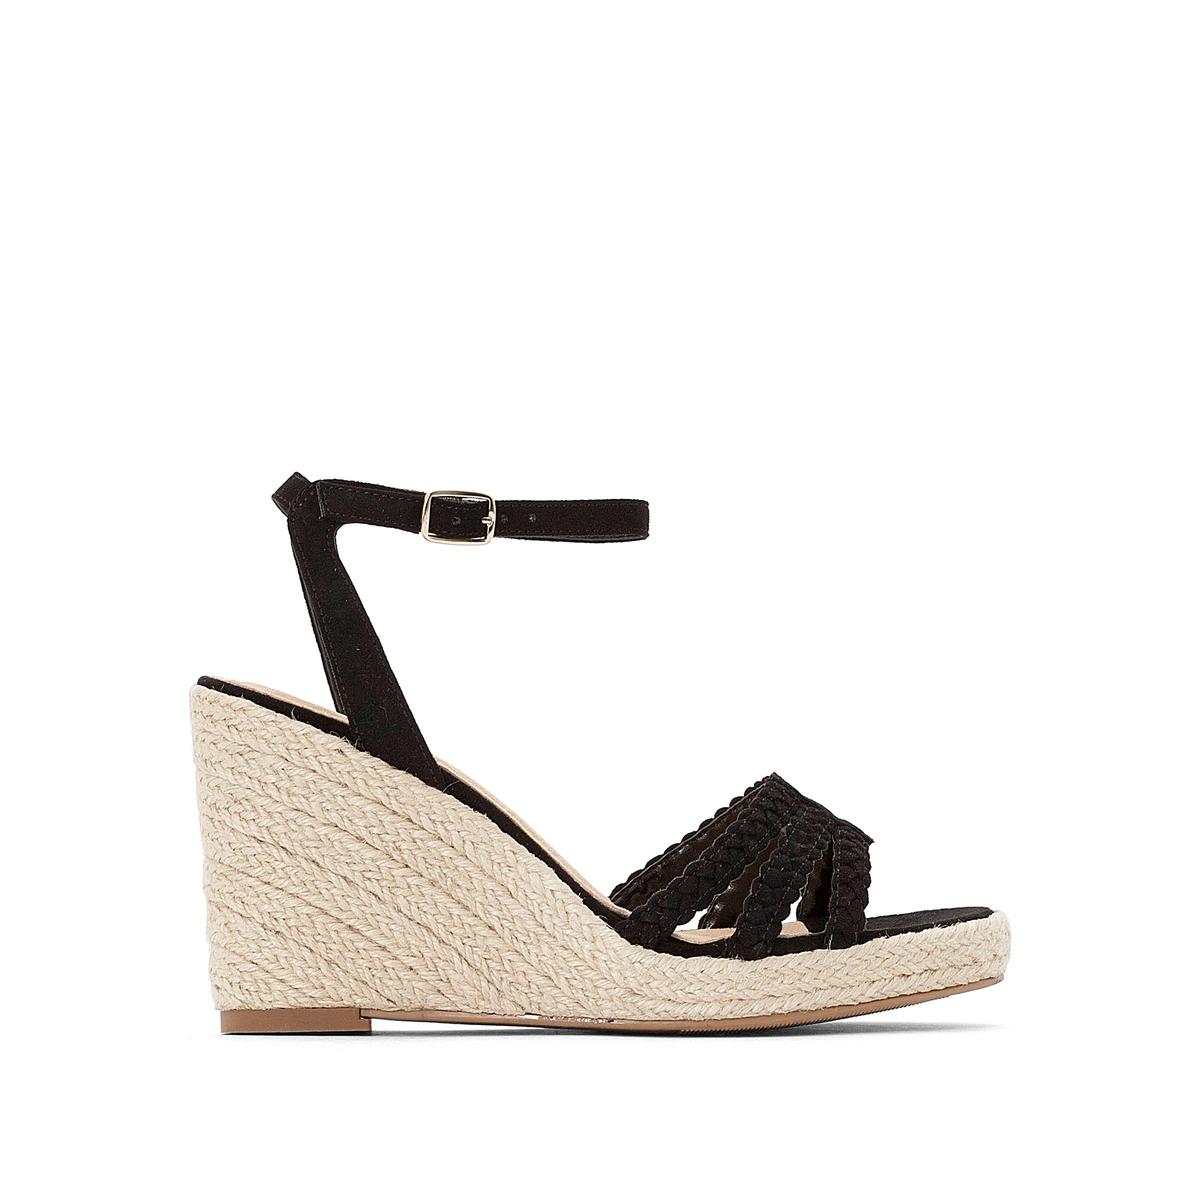 Sandálias com tacão de cunha, 9 cm